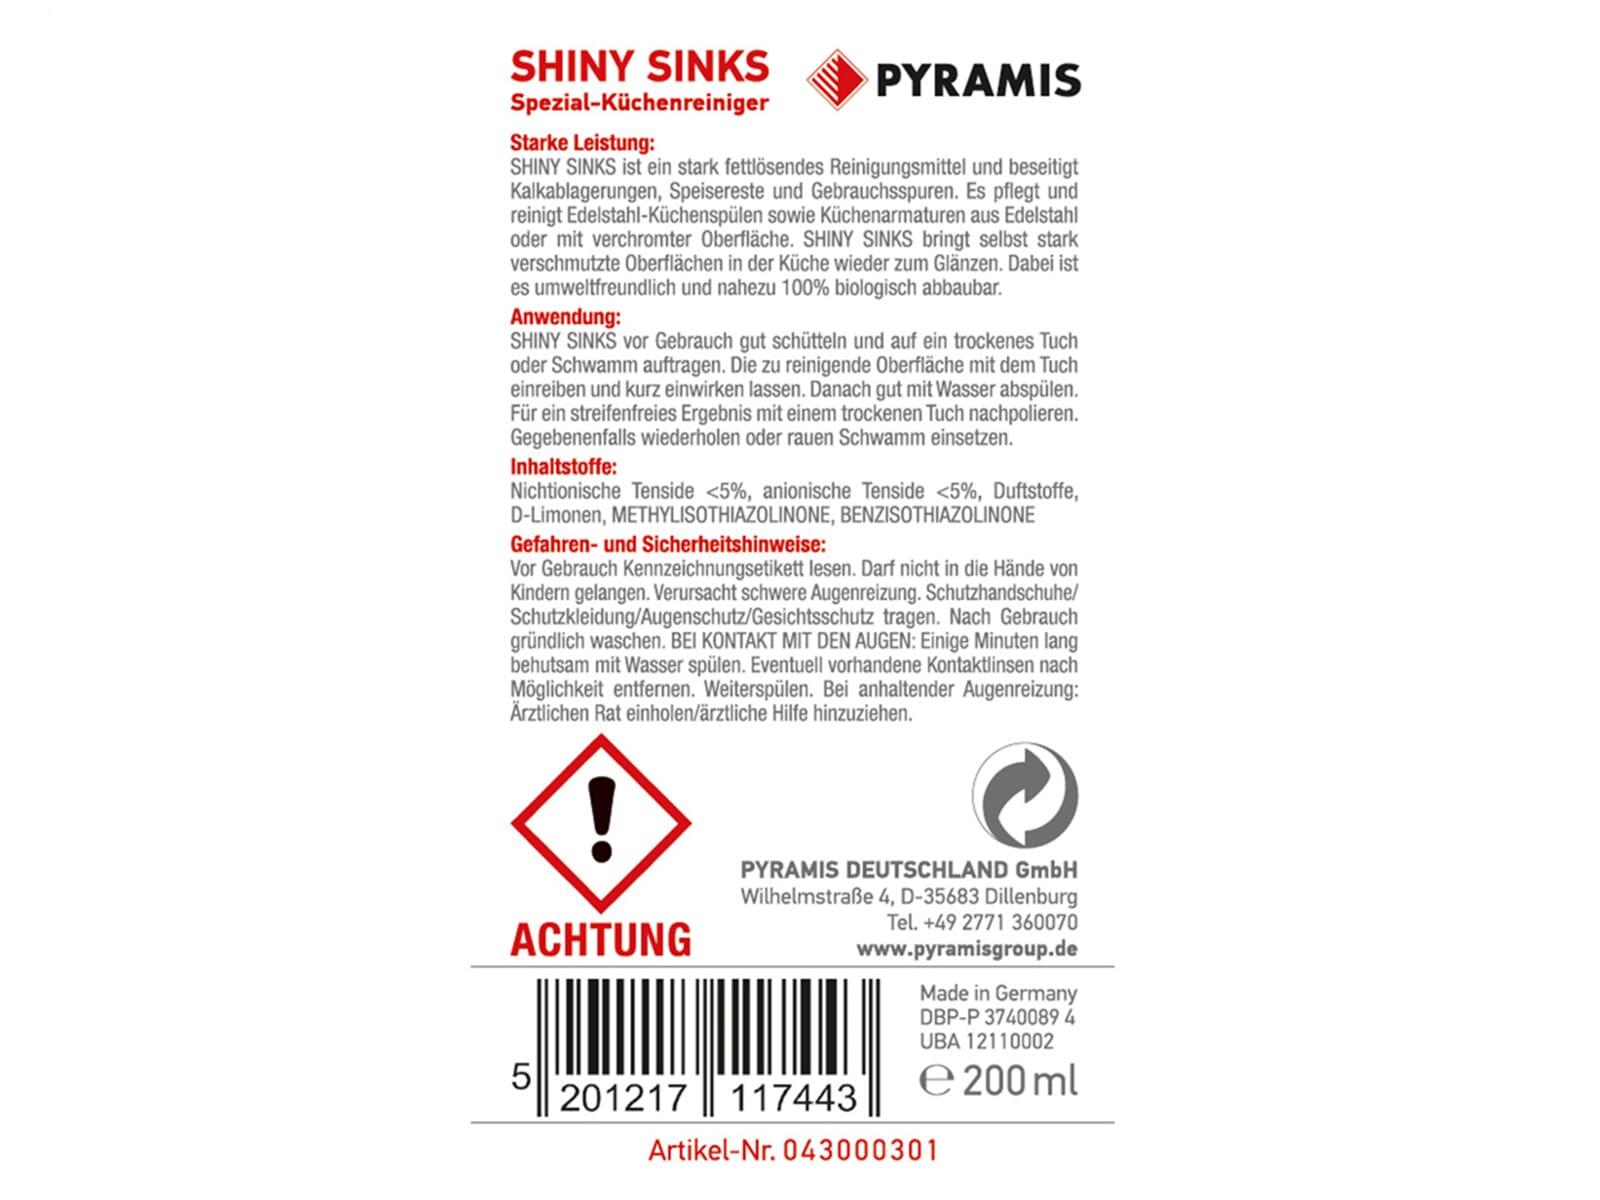 Pyramis 043000301 Shiny-Sinks